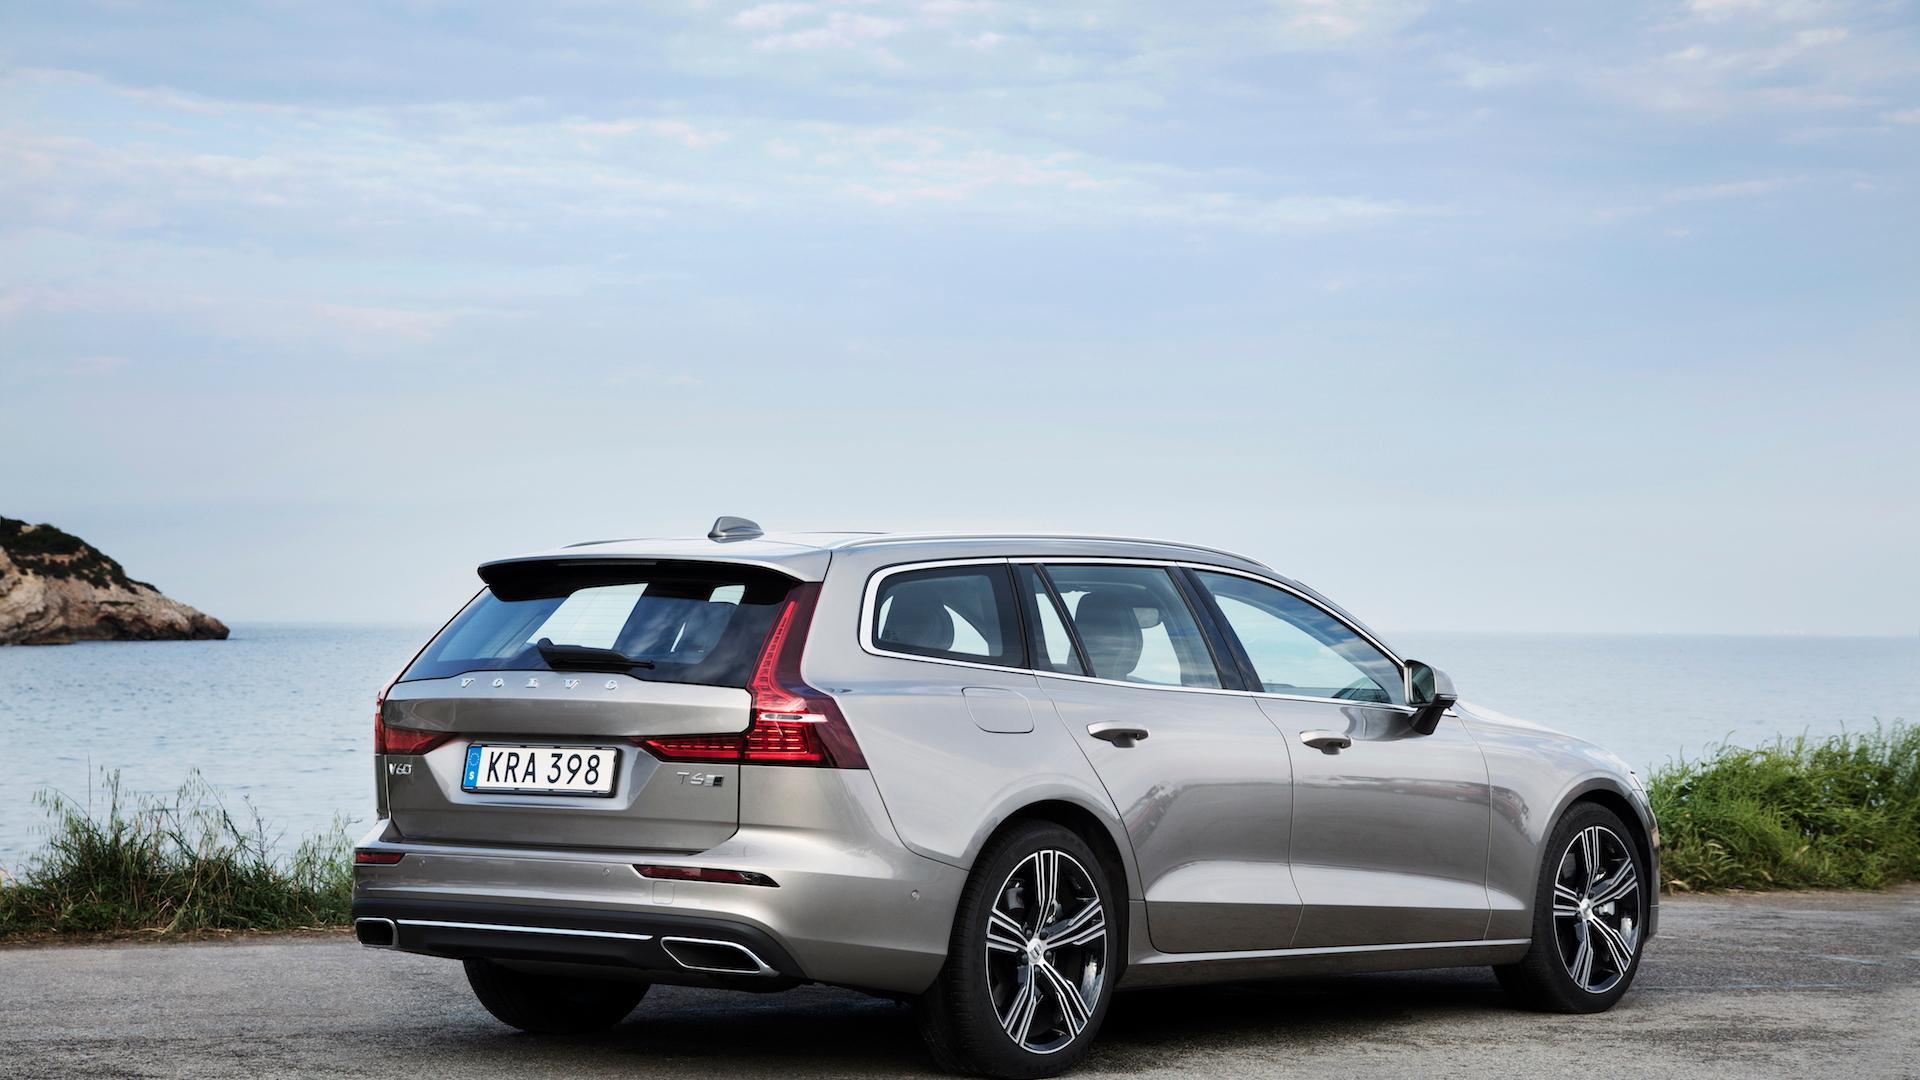 2019 Volvo V60, Tarragona, Spain